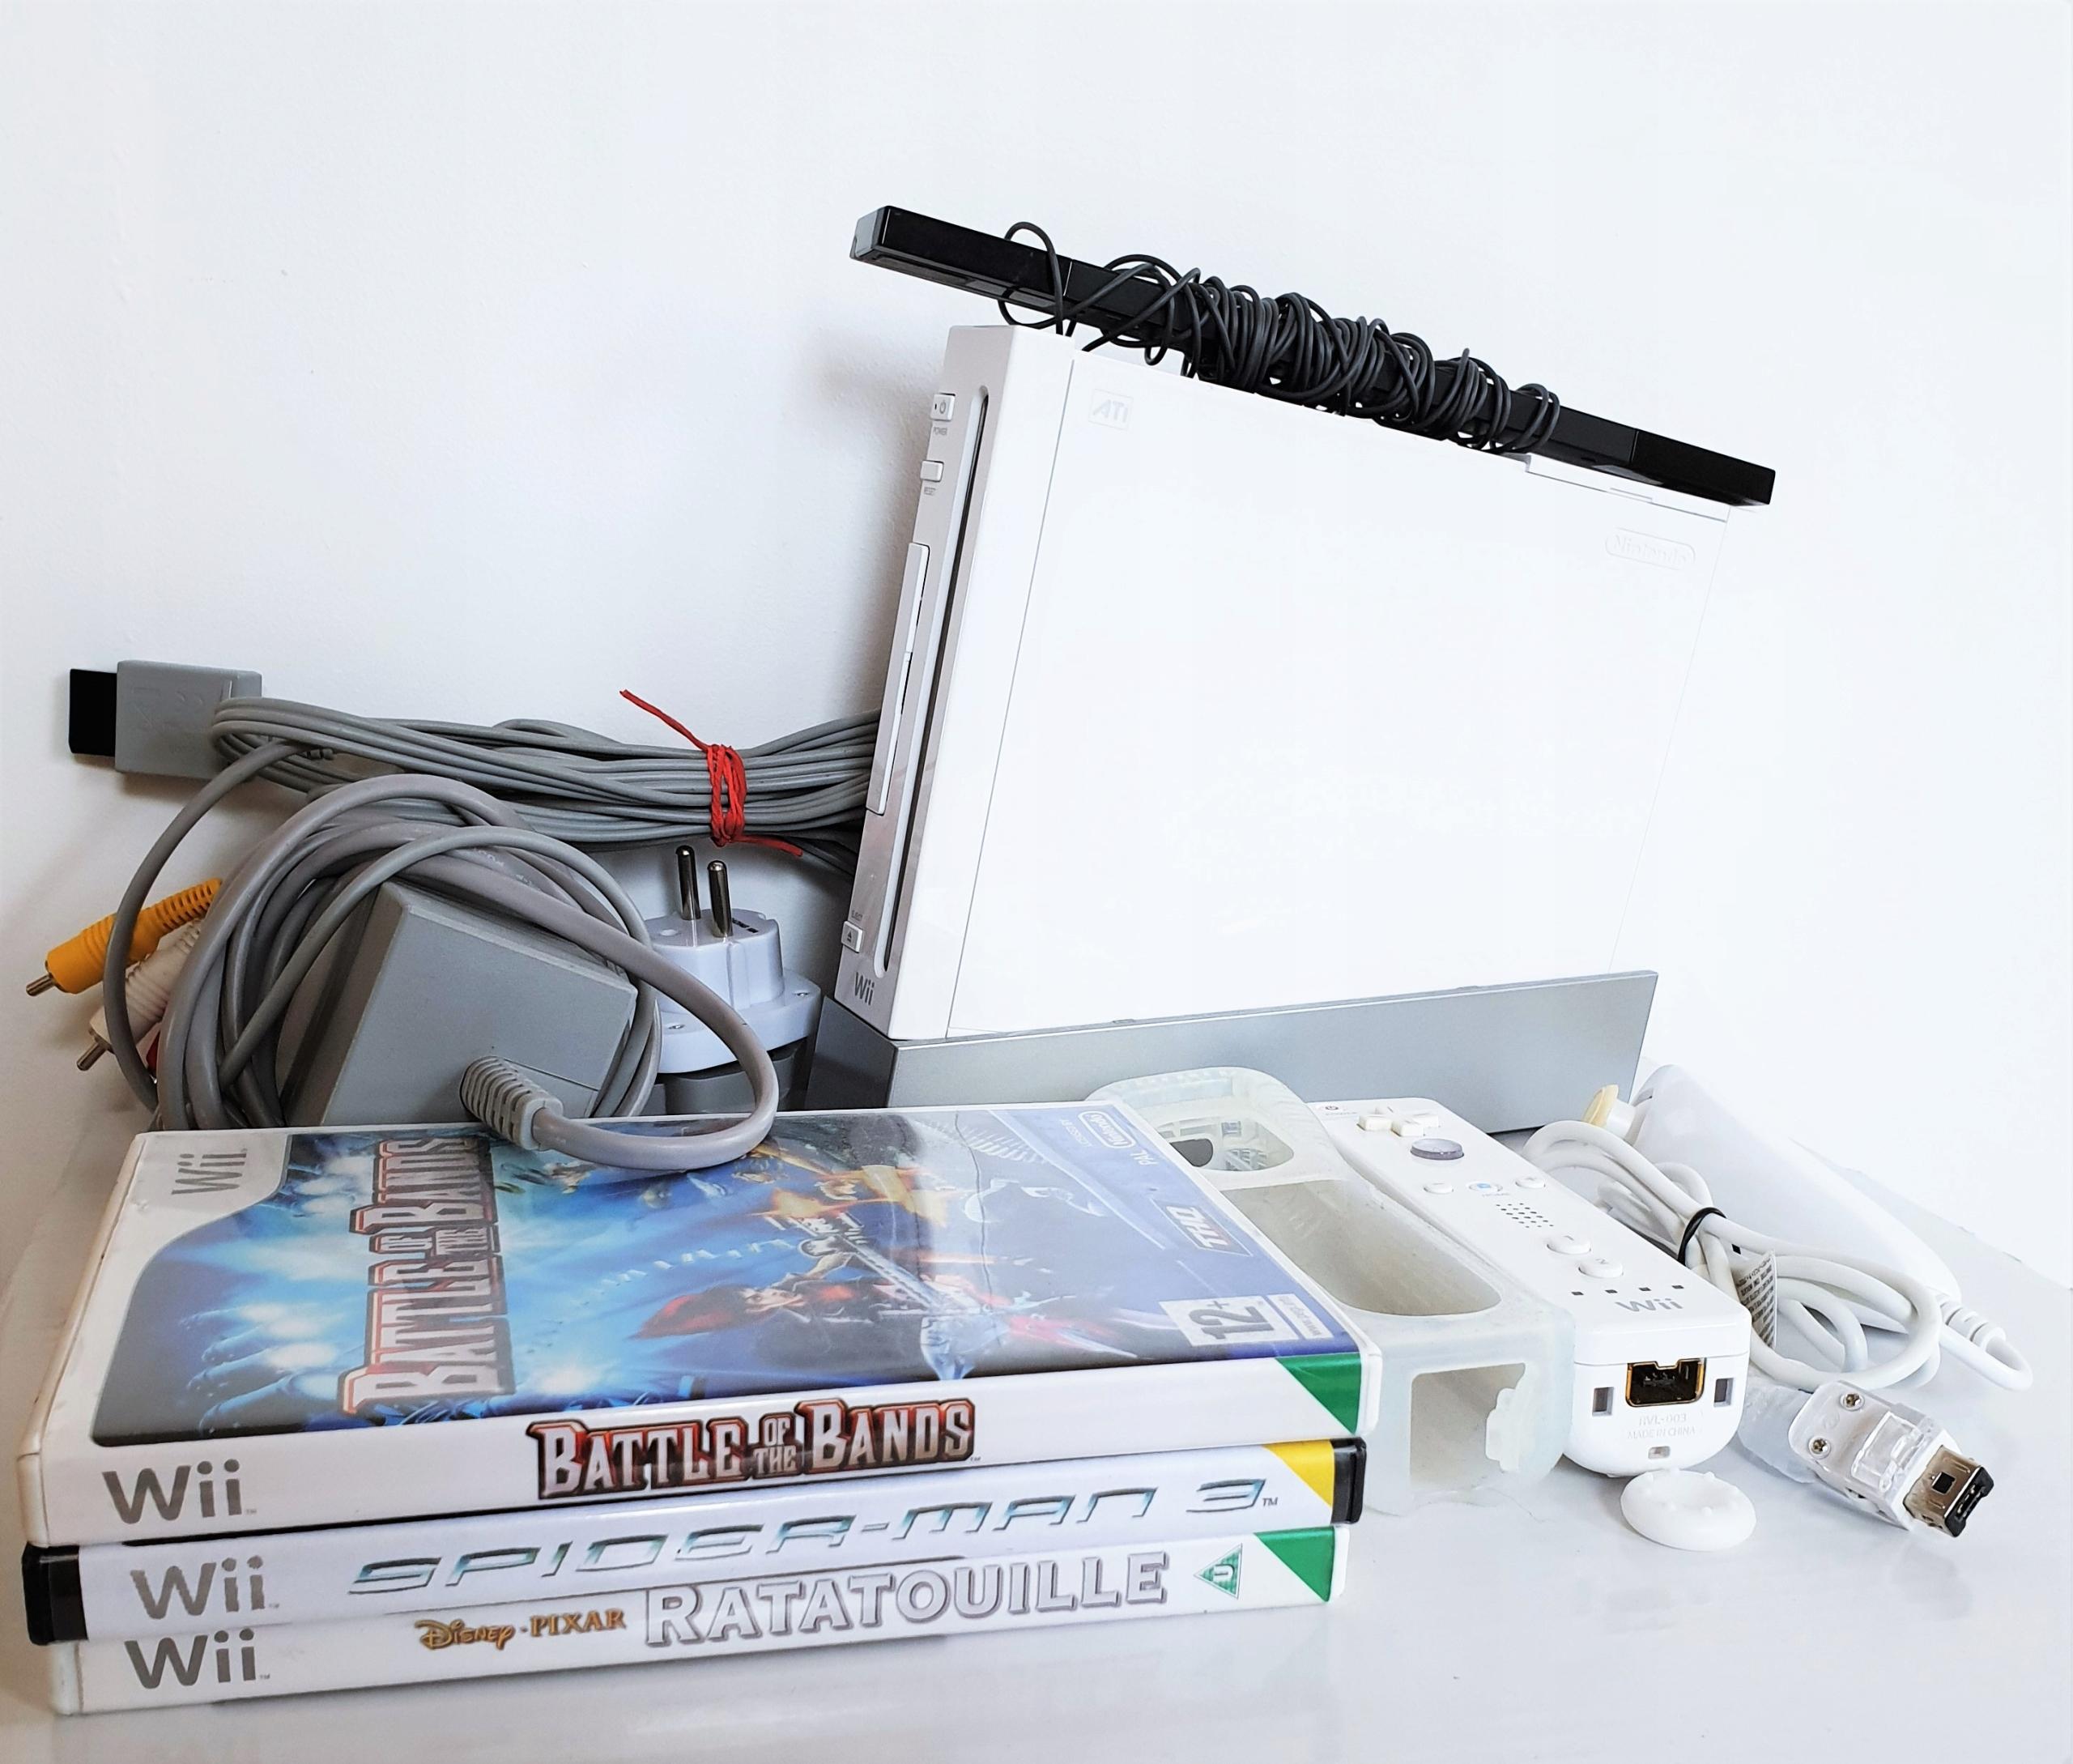 Konsola Nintendo Wii + GRY ZESTAW BIAŁA SKLEP AHS